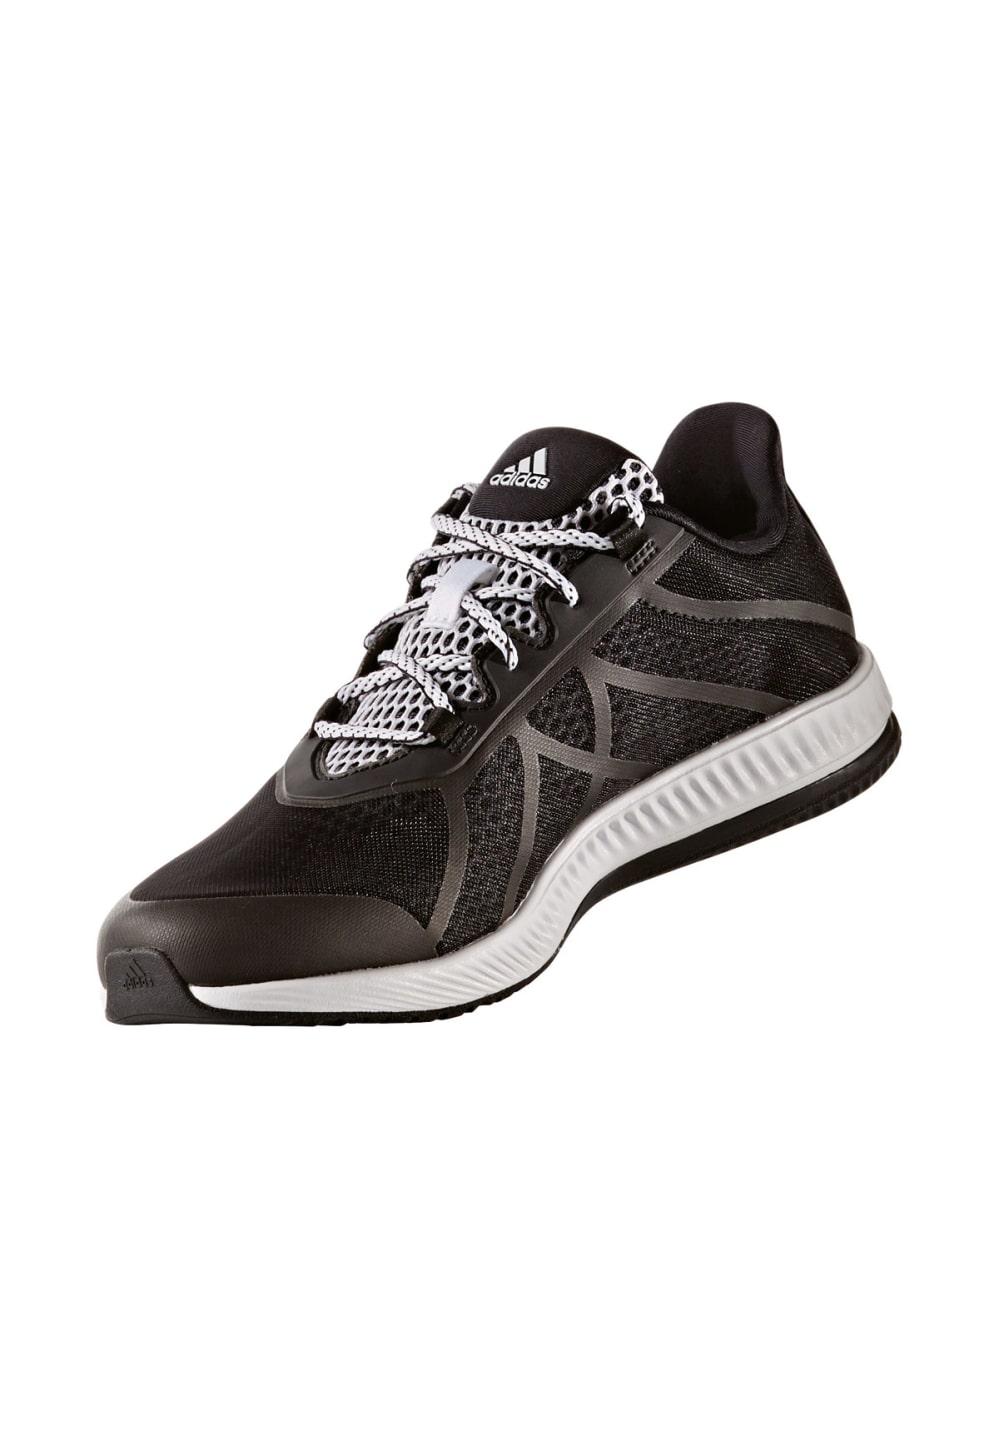 Der Billigste Herren Adidas Schuhe 2019 D96627 Bkb Adidas